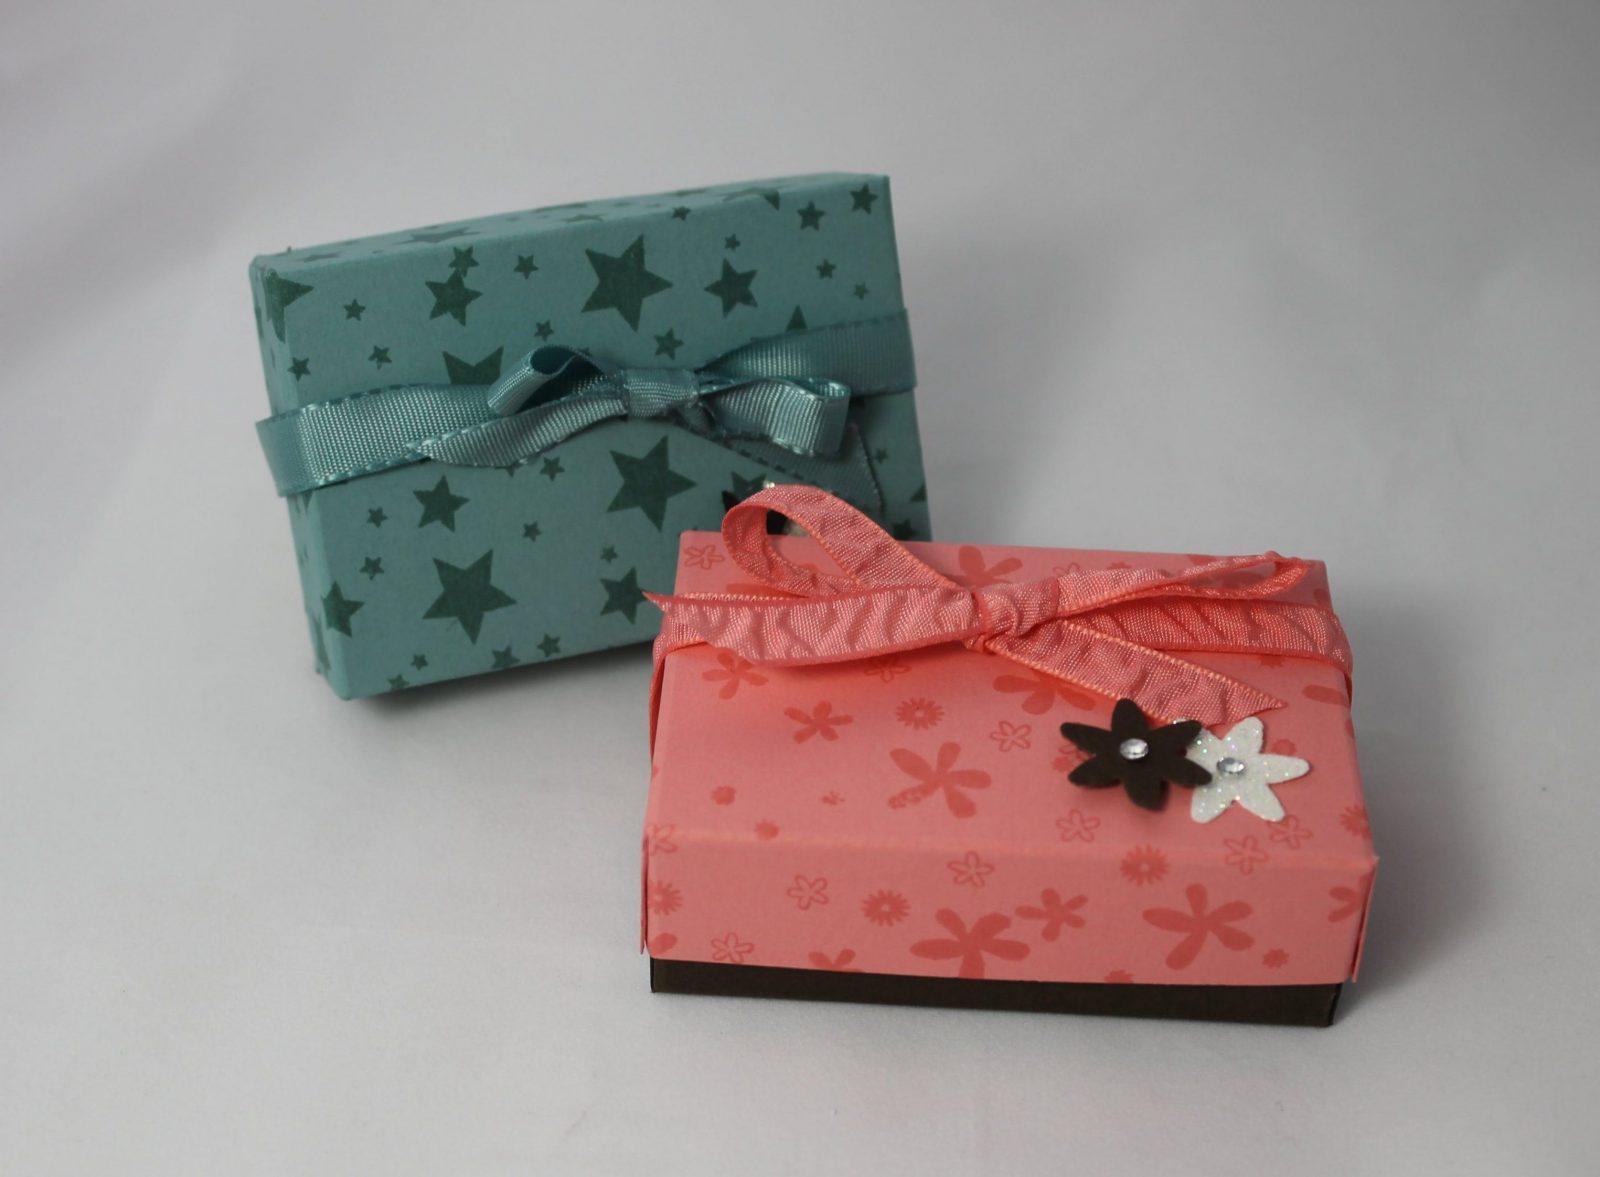 Kleine Schachtel  Box  Anleitung Stampin` Up Produkte  Youtube von Kleine Schachteln Selber Basteln Photo